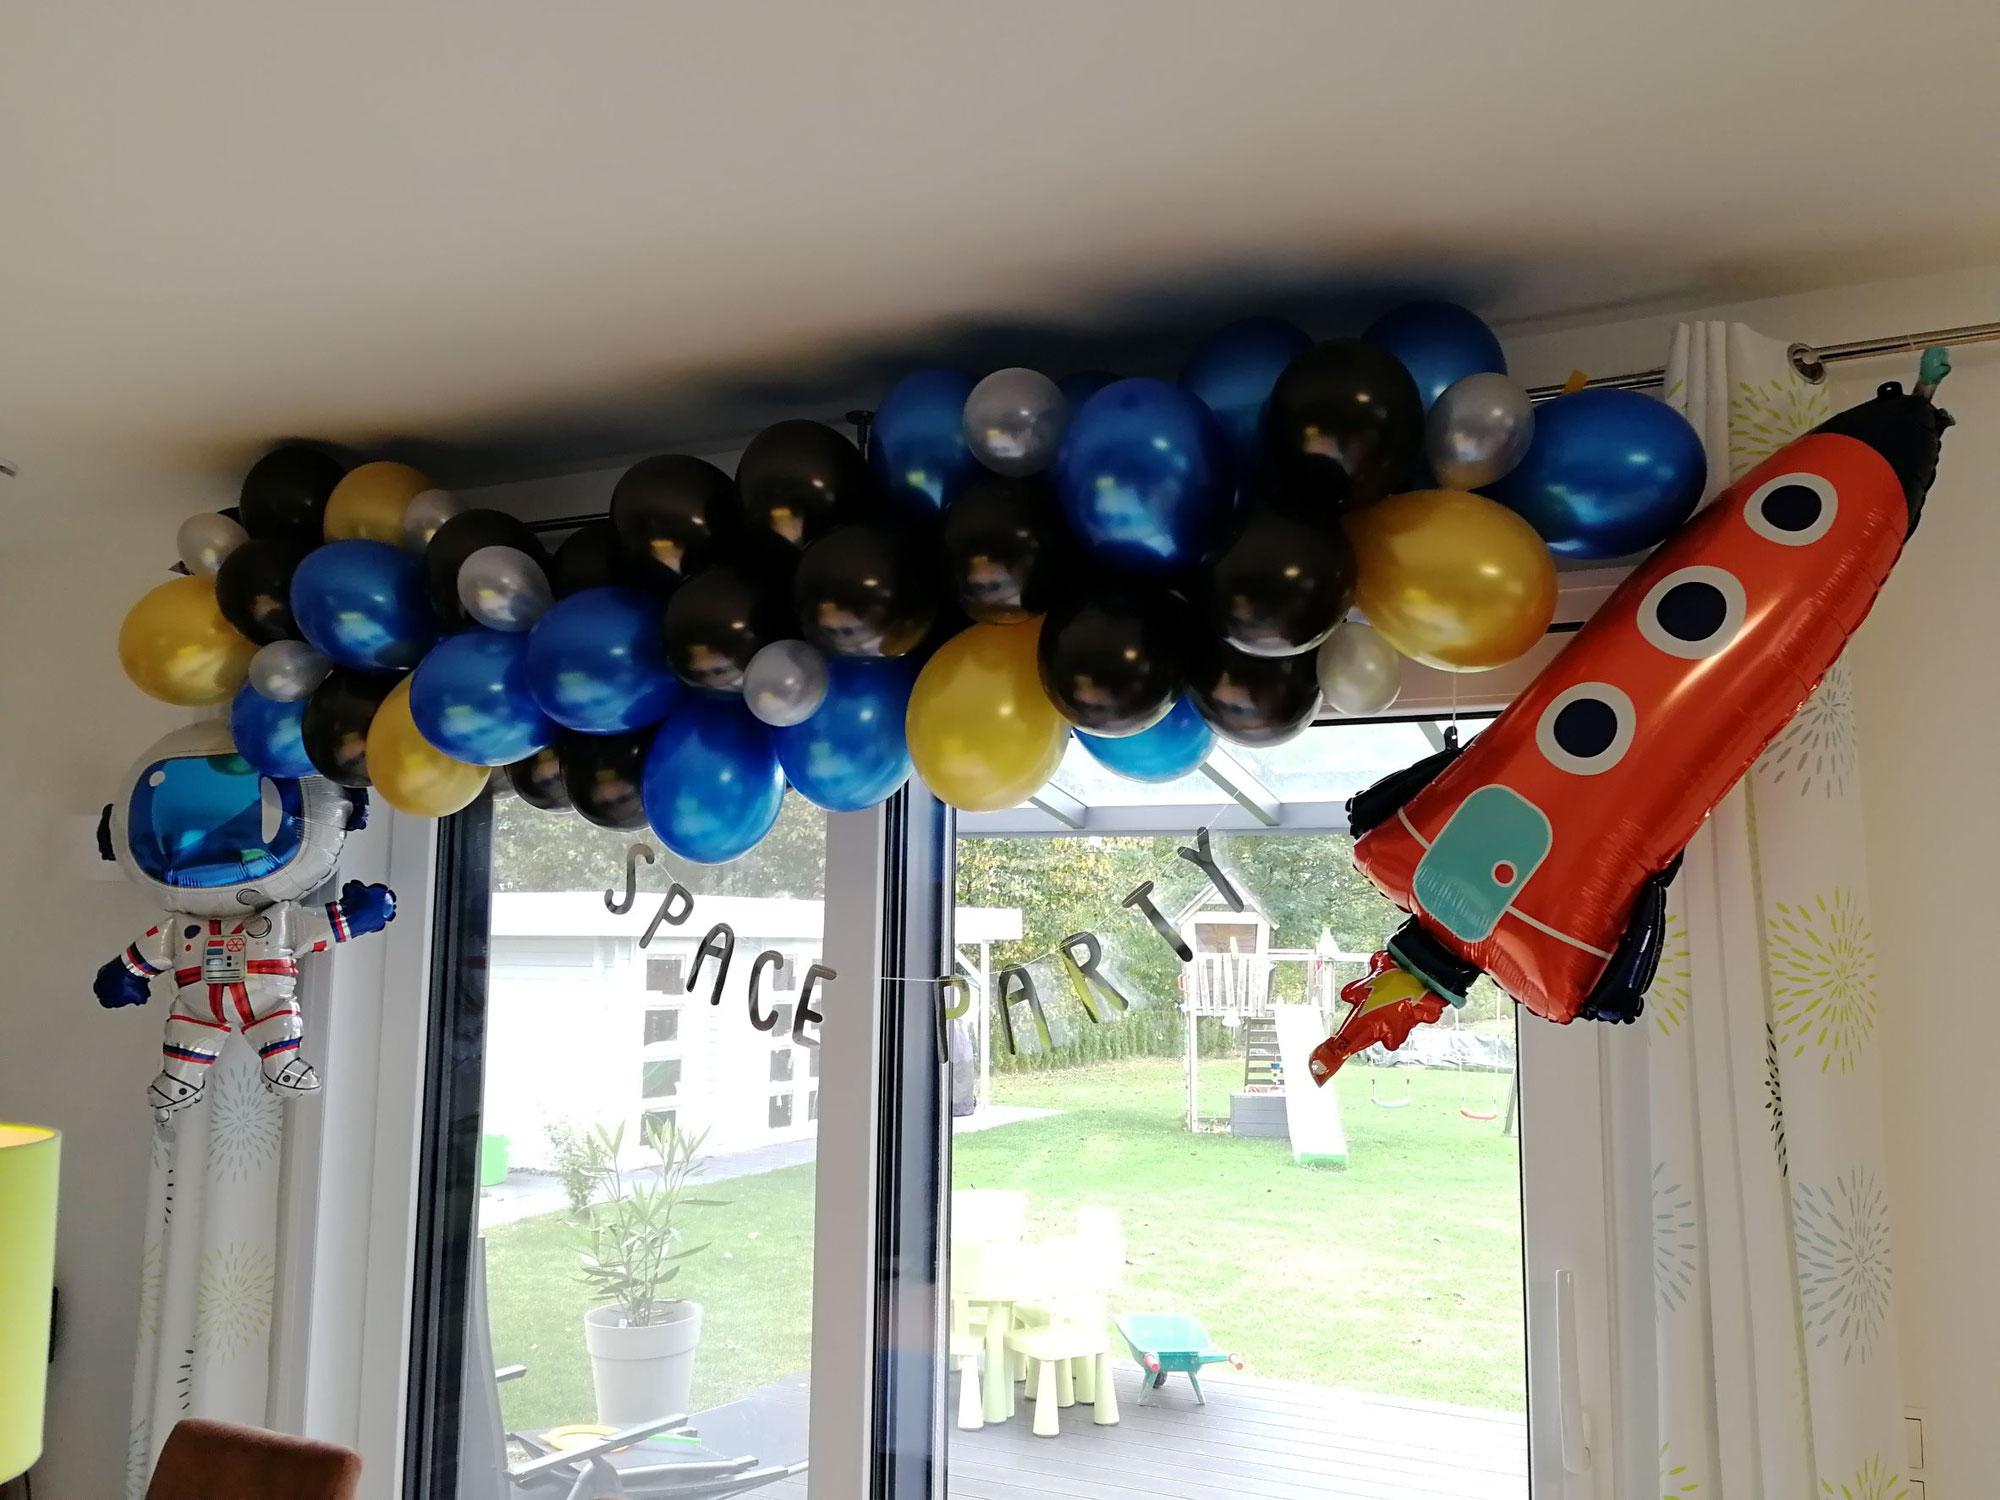 Weltraum Geburtstag - Spacige Ideen für deine Weltraum Party